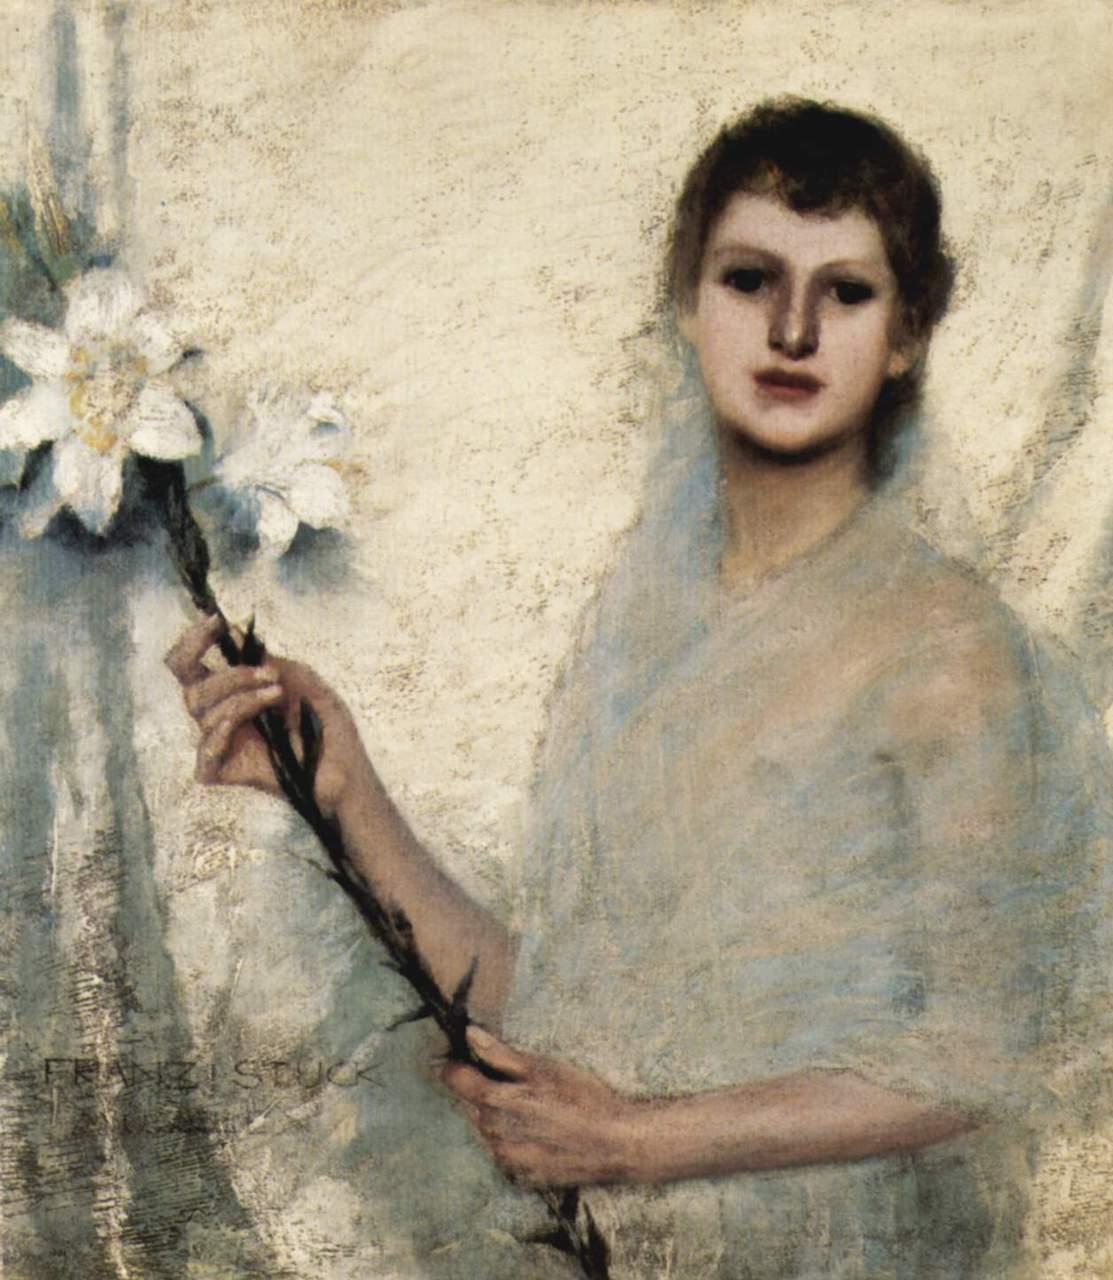 Franz von Stuck. Unschuld. 1889. Öl / Leinwand. 68 x 61cm